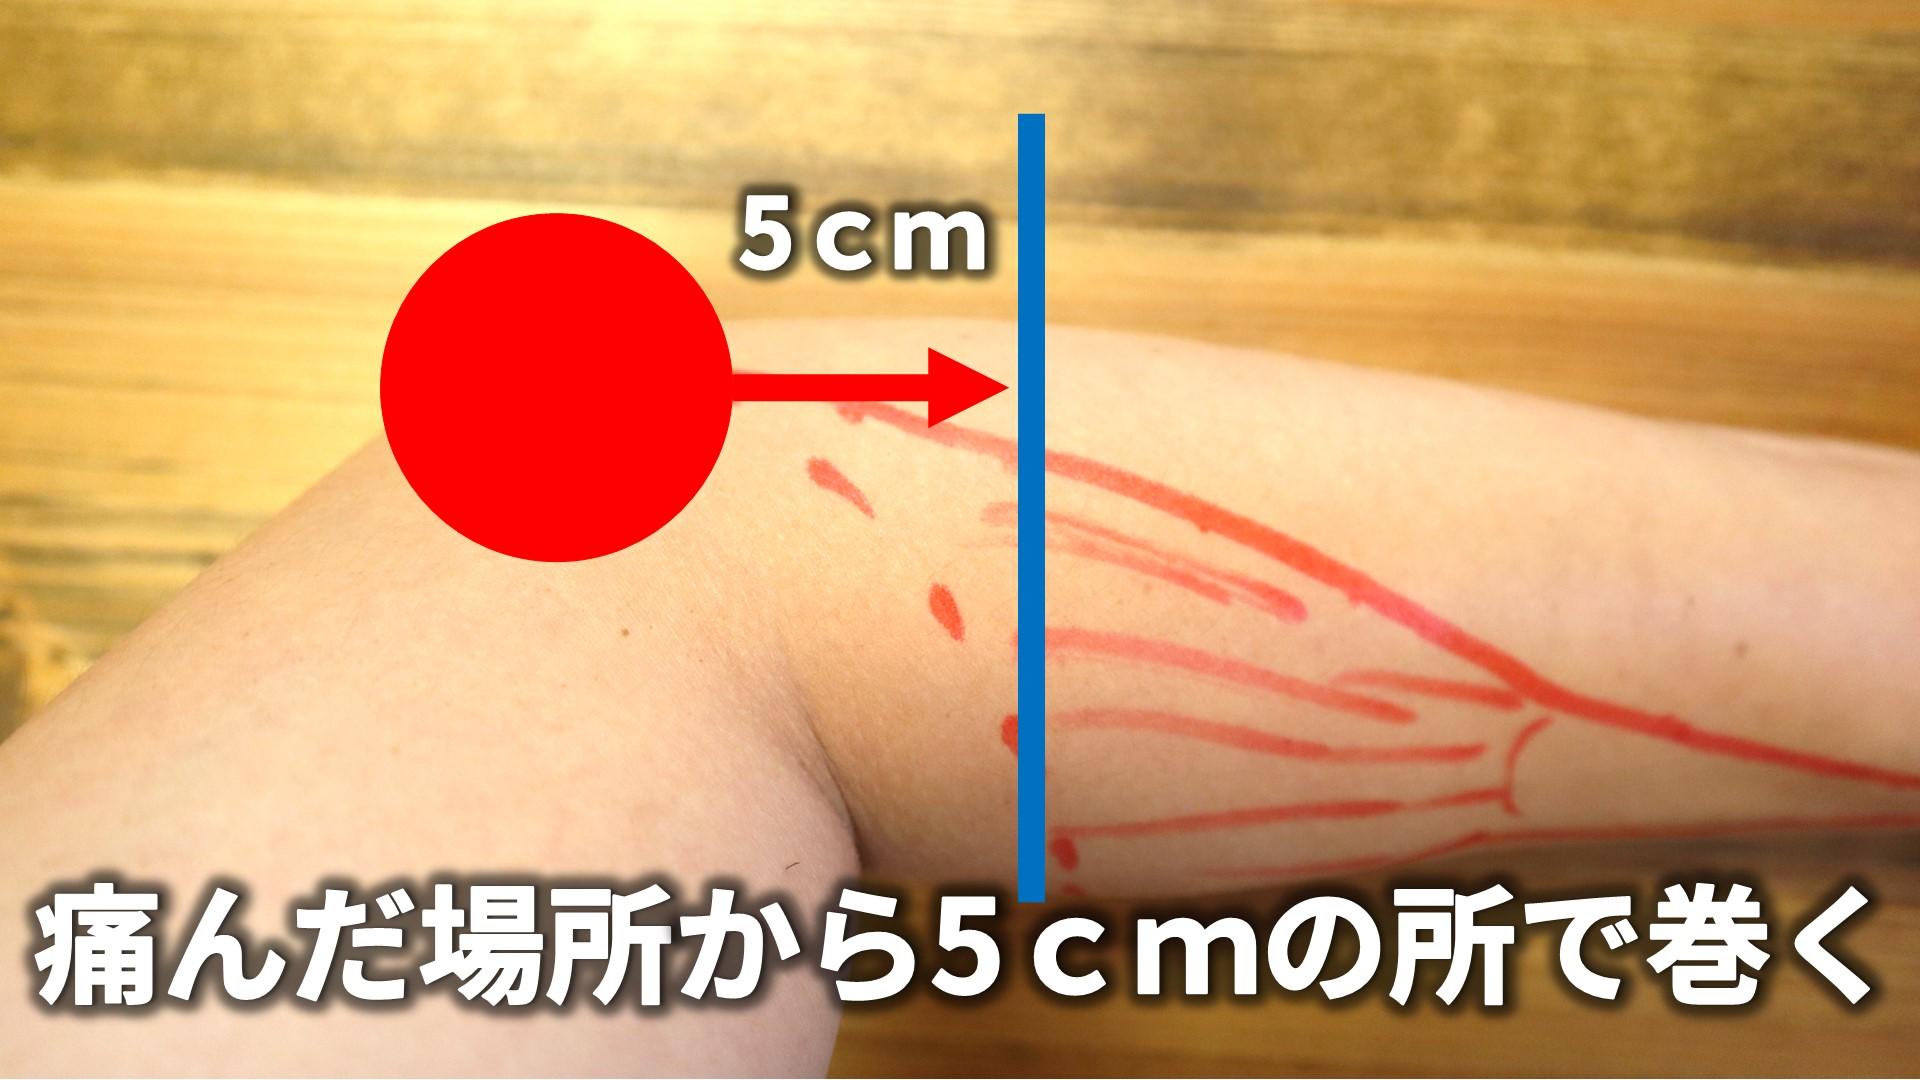 痛みが出ている部分から5cmほど下の場所に巻く